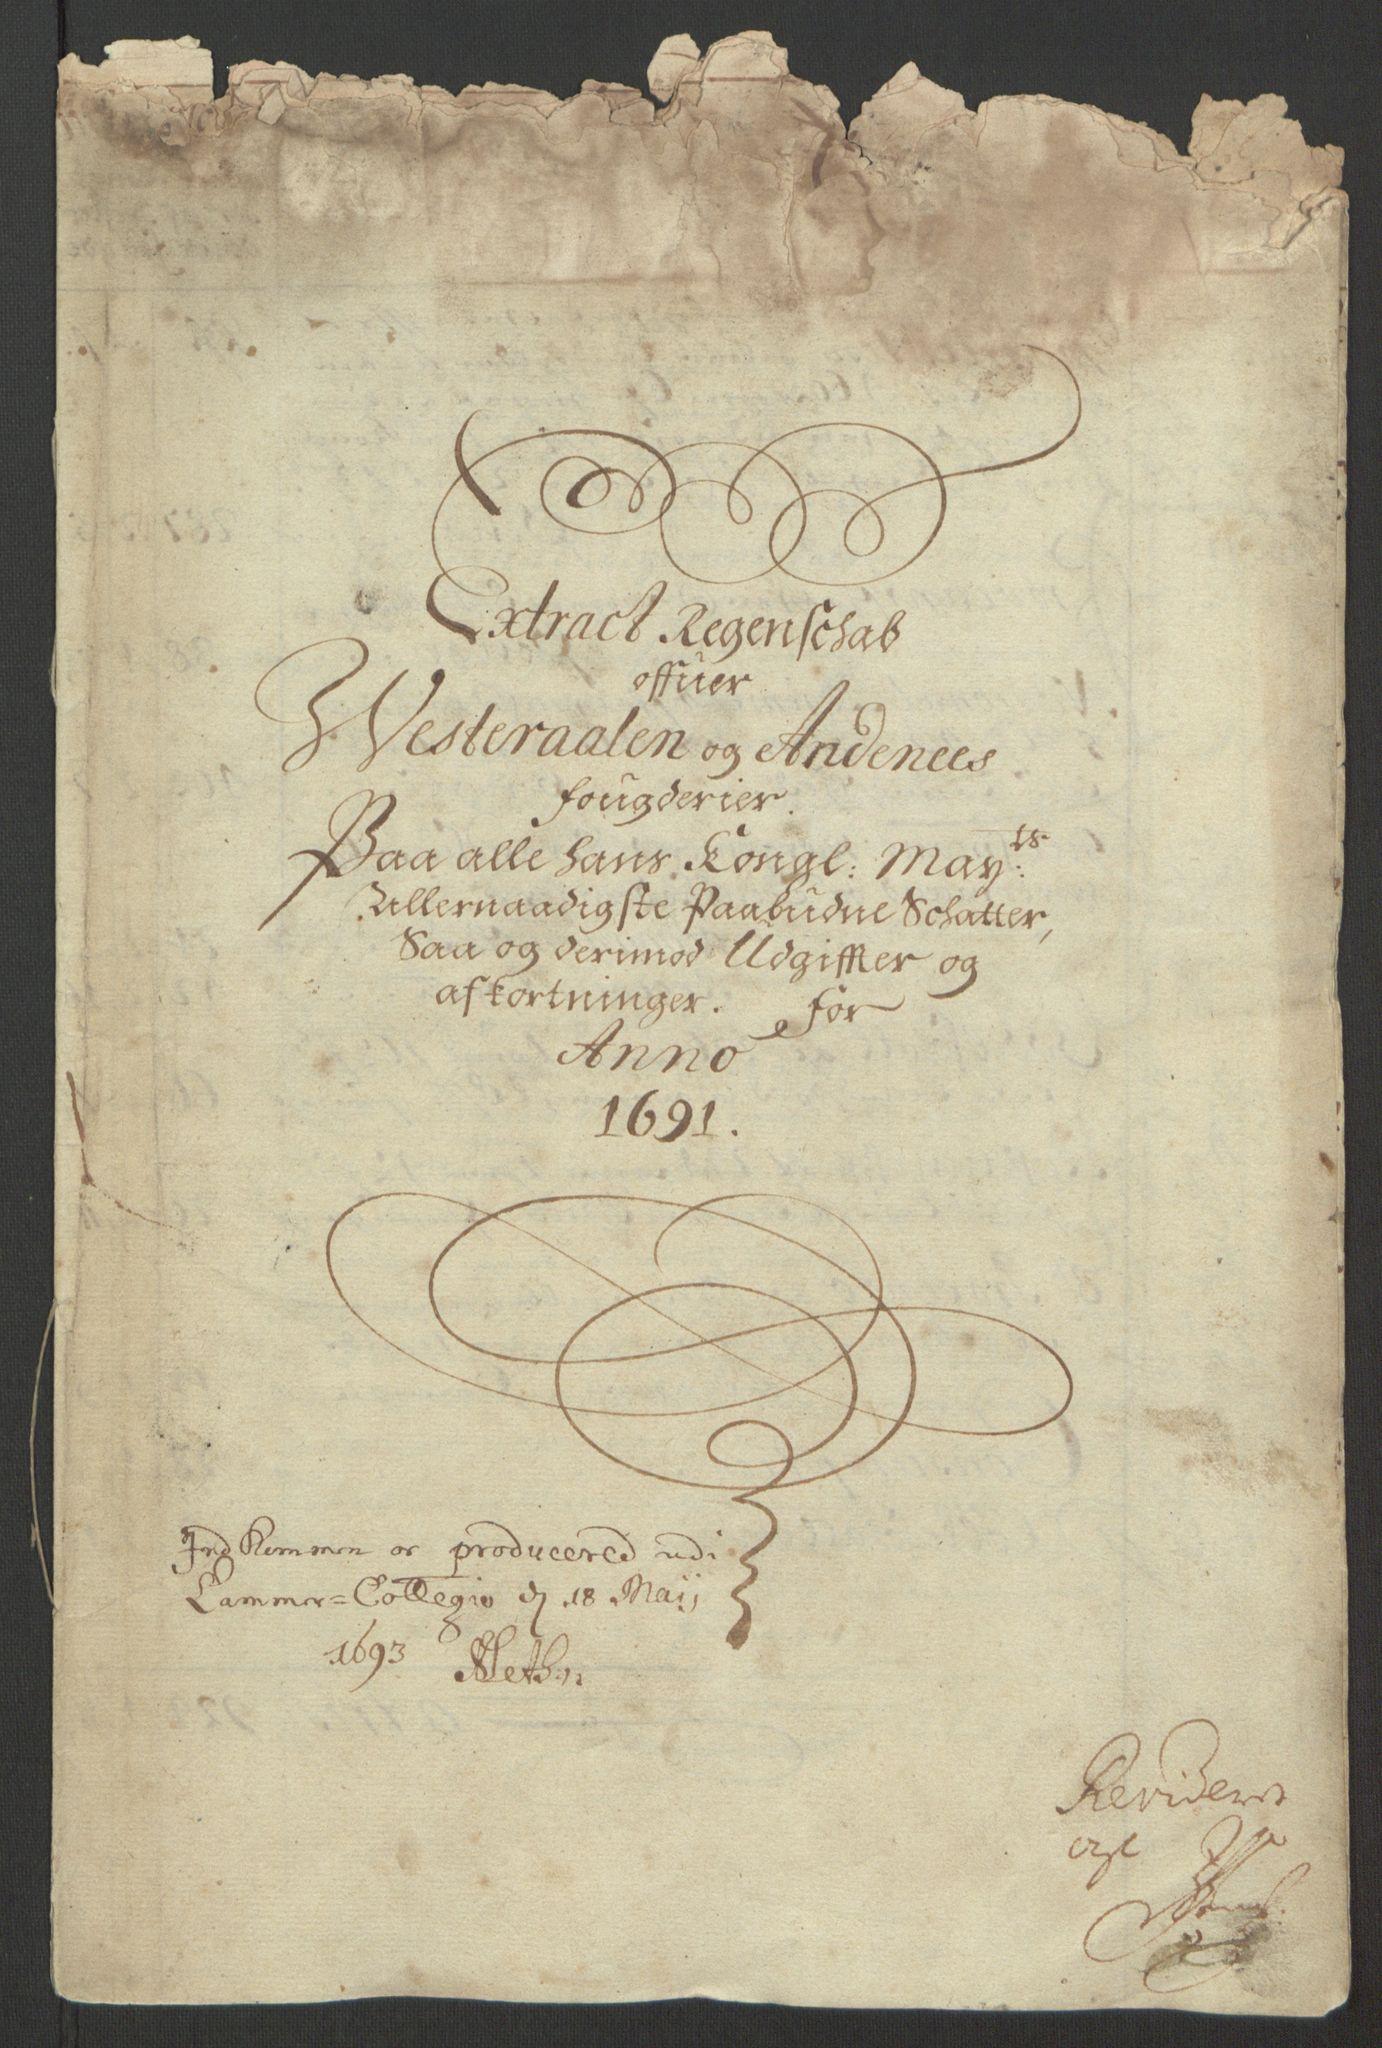 RA, Rentekammeret inntil 1814, Reviderte regnskaper, Fogderegnskap, R67/L4676: Fogderegnskap Vesterålen, Andenes og Lofoten, 1691-1693, s. 4